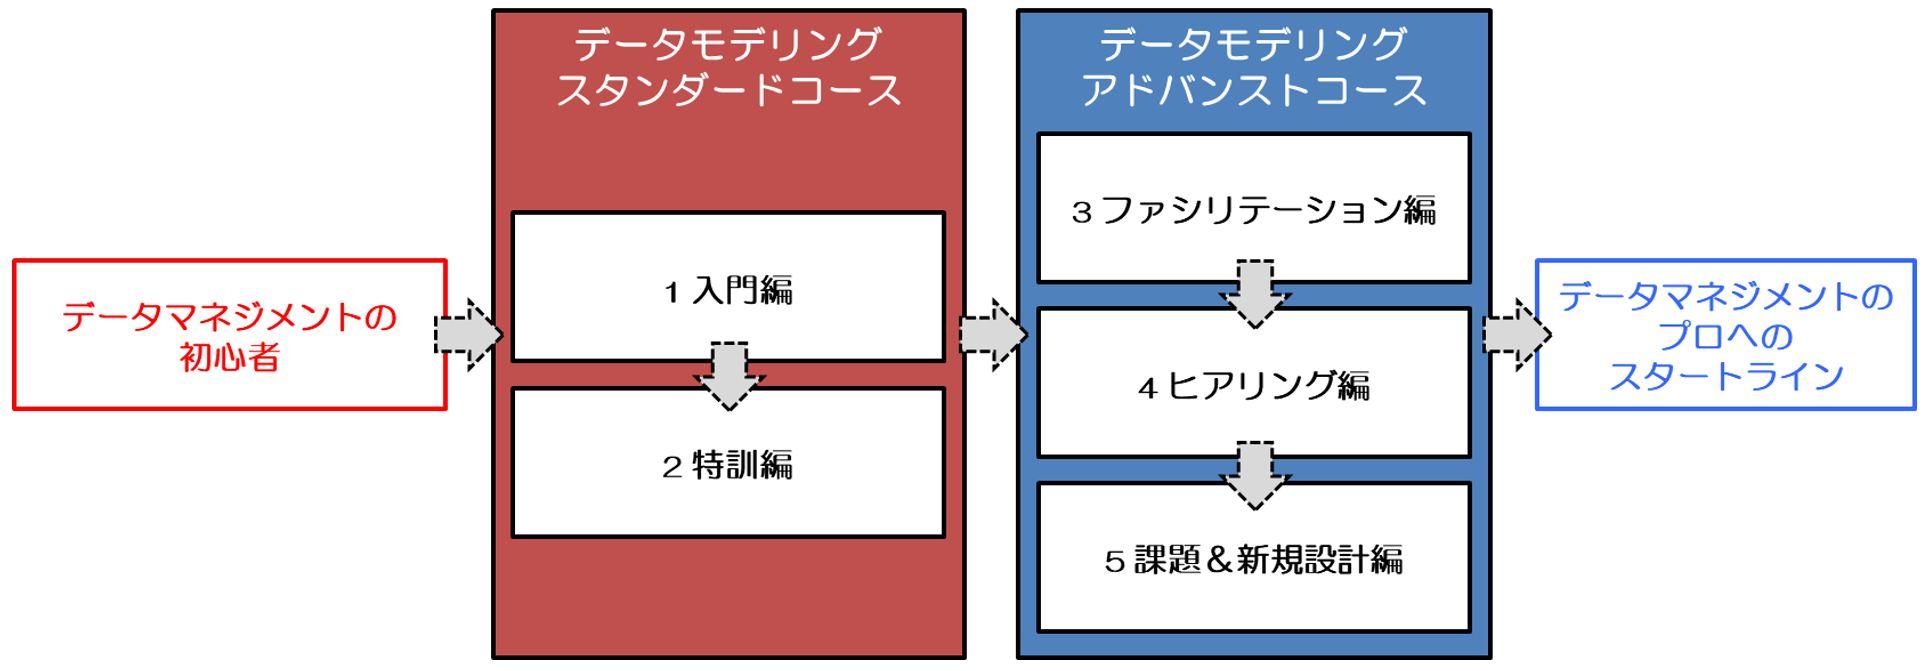 dms_courses